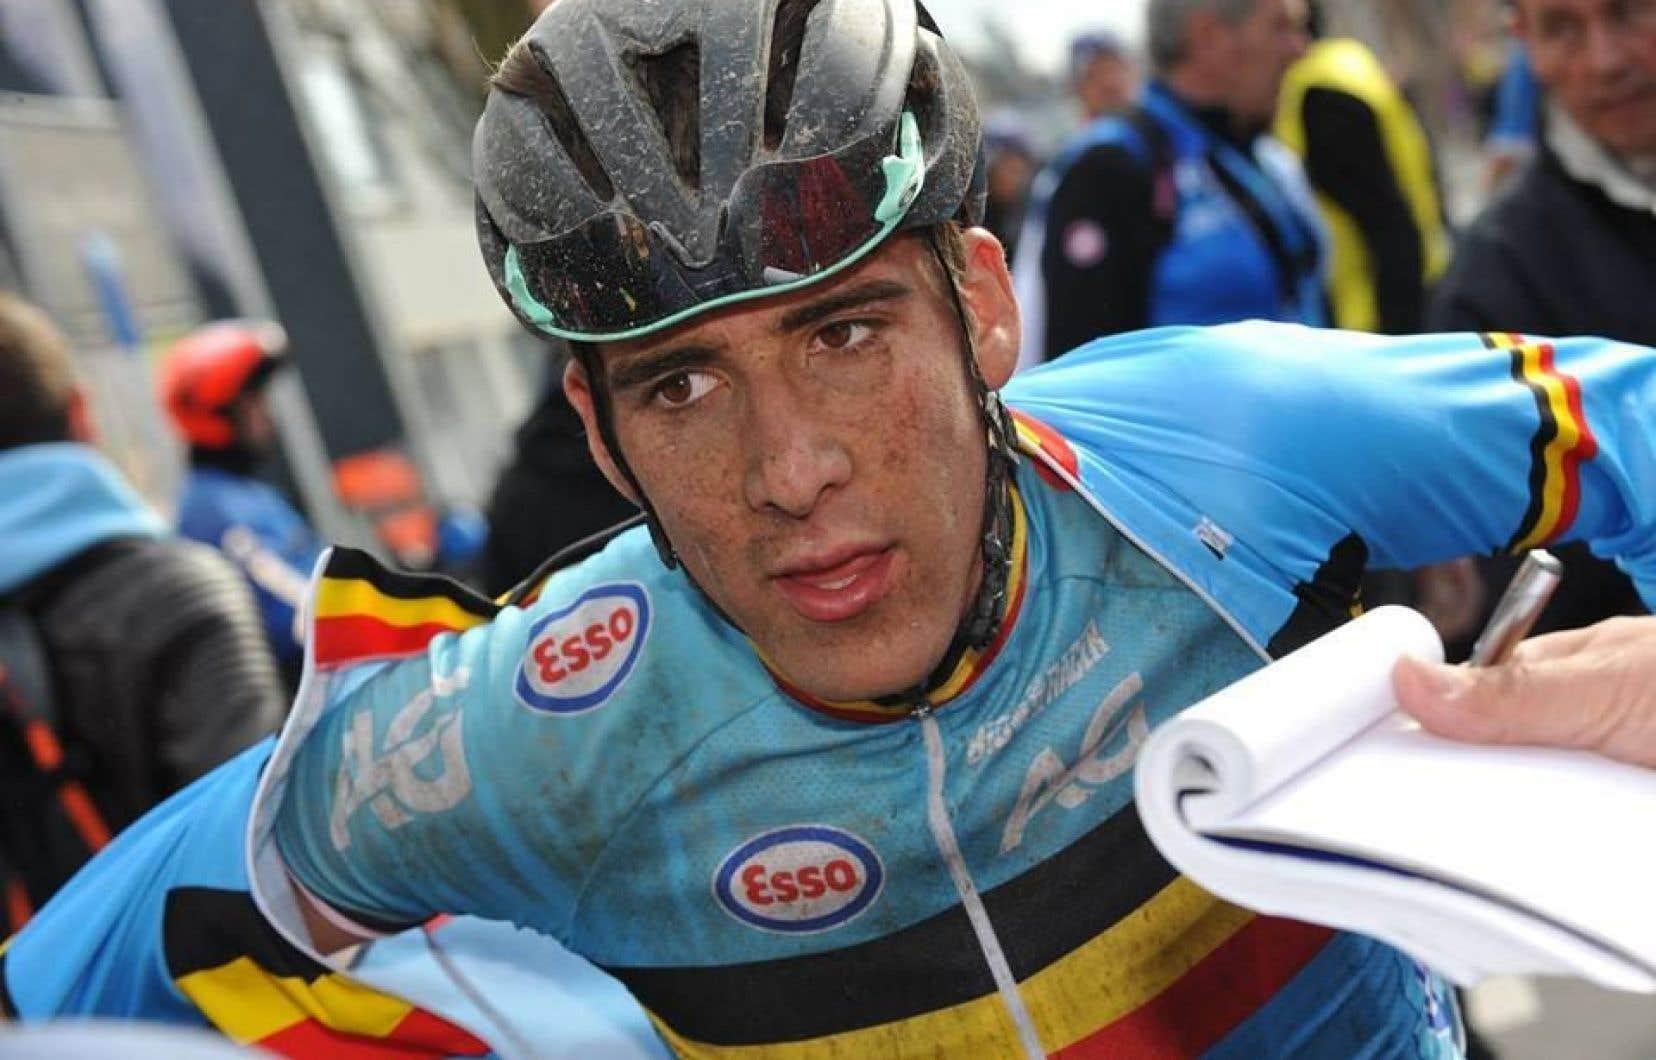 Le coureur cycliste belge Daan Myngheer